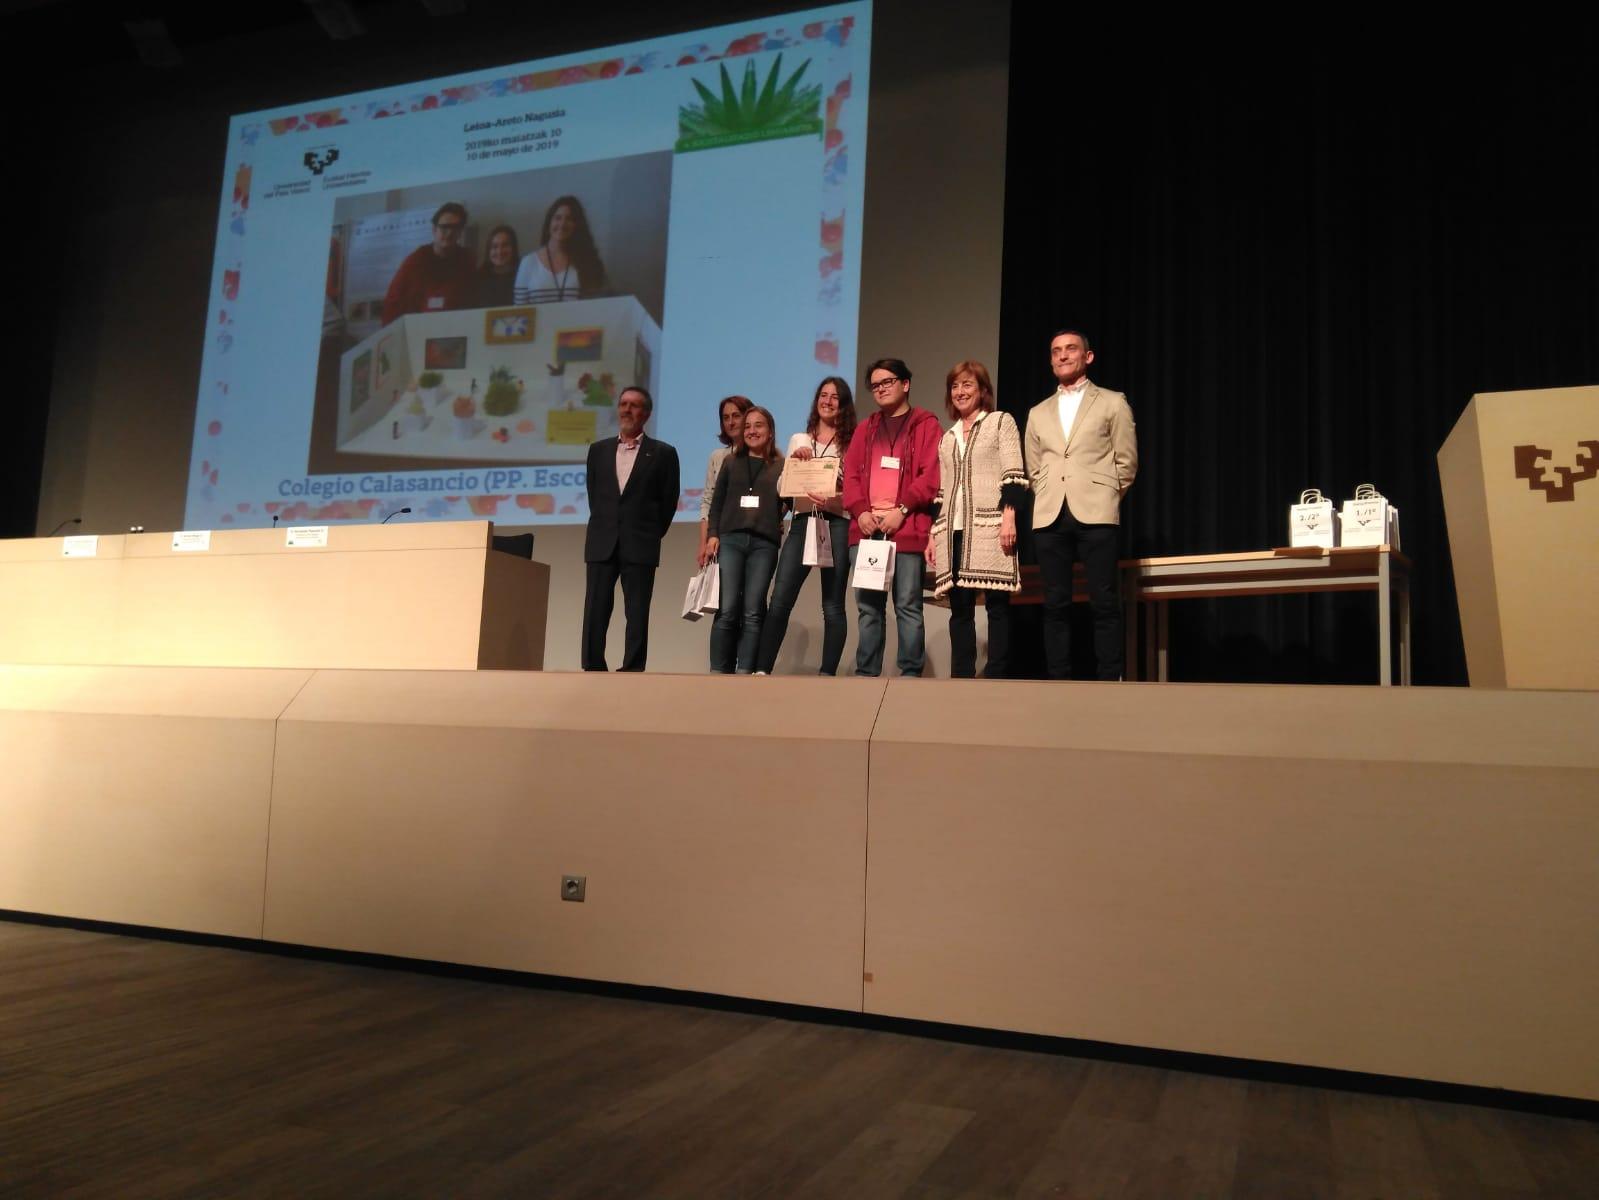 Medalla de bronce en el IV Concurso de Cristalización de la UPV ...